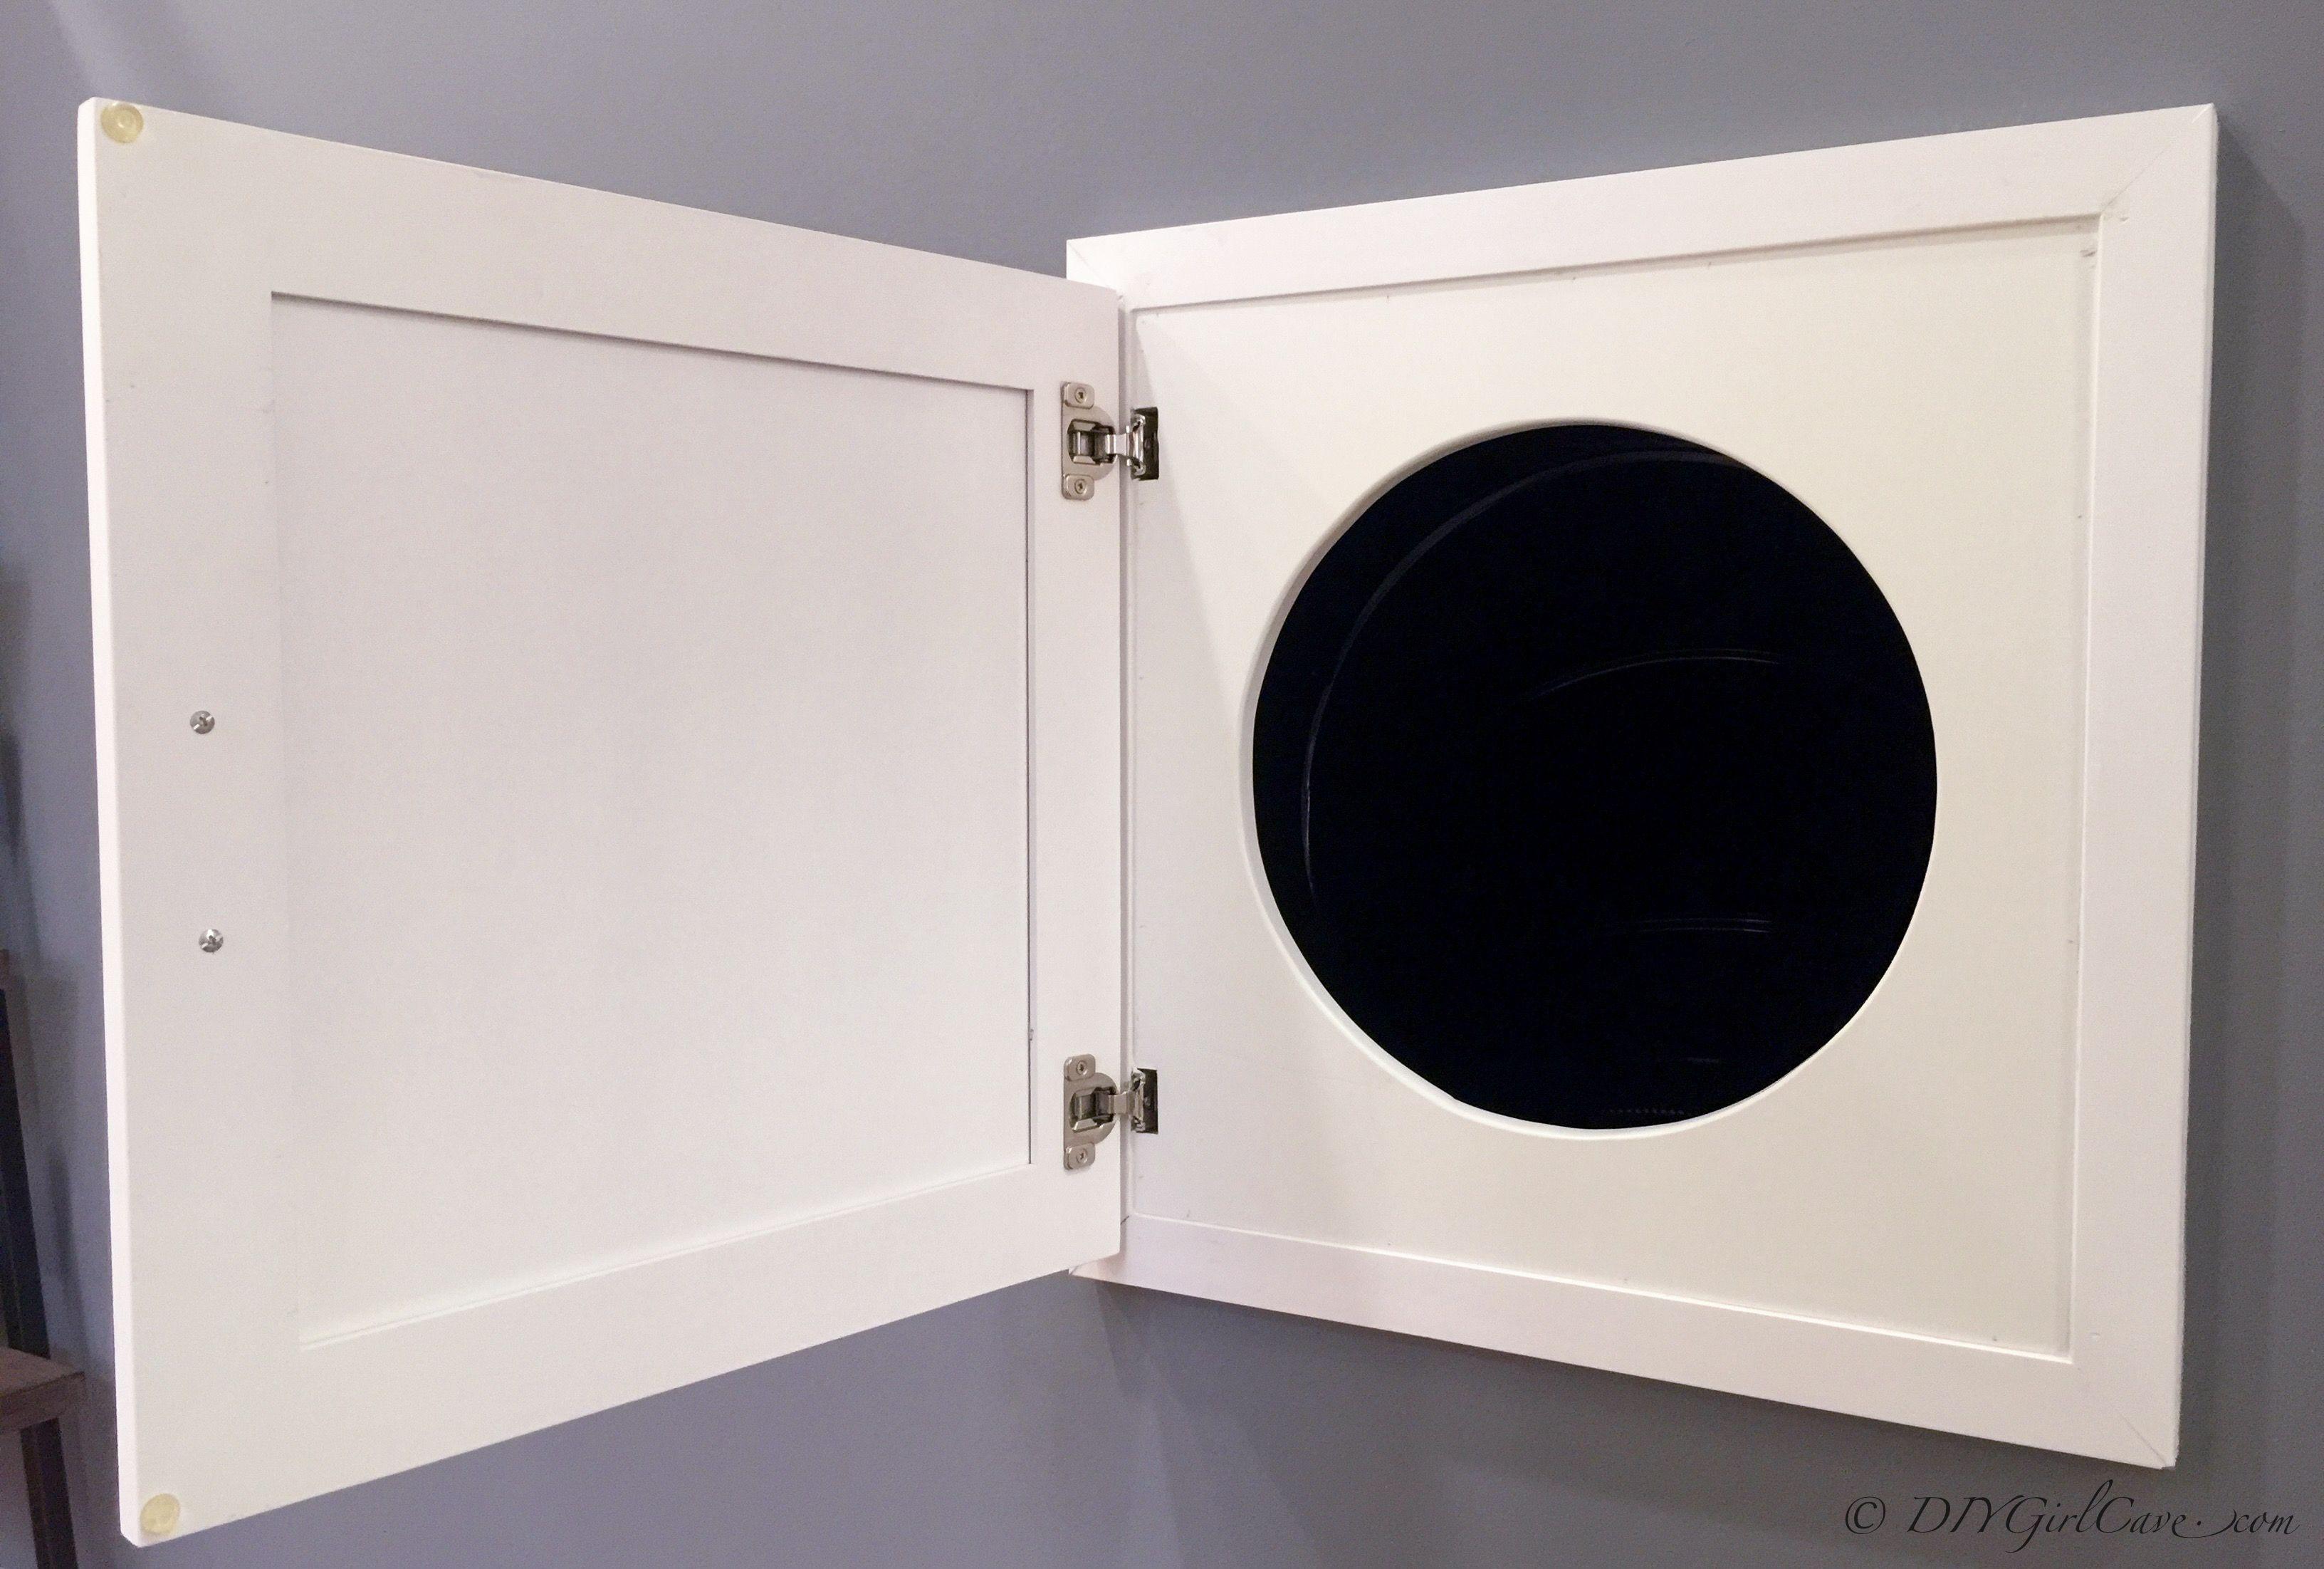 Home design trends 2015 hidden door laundry chute